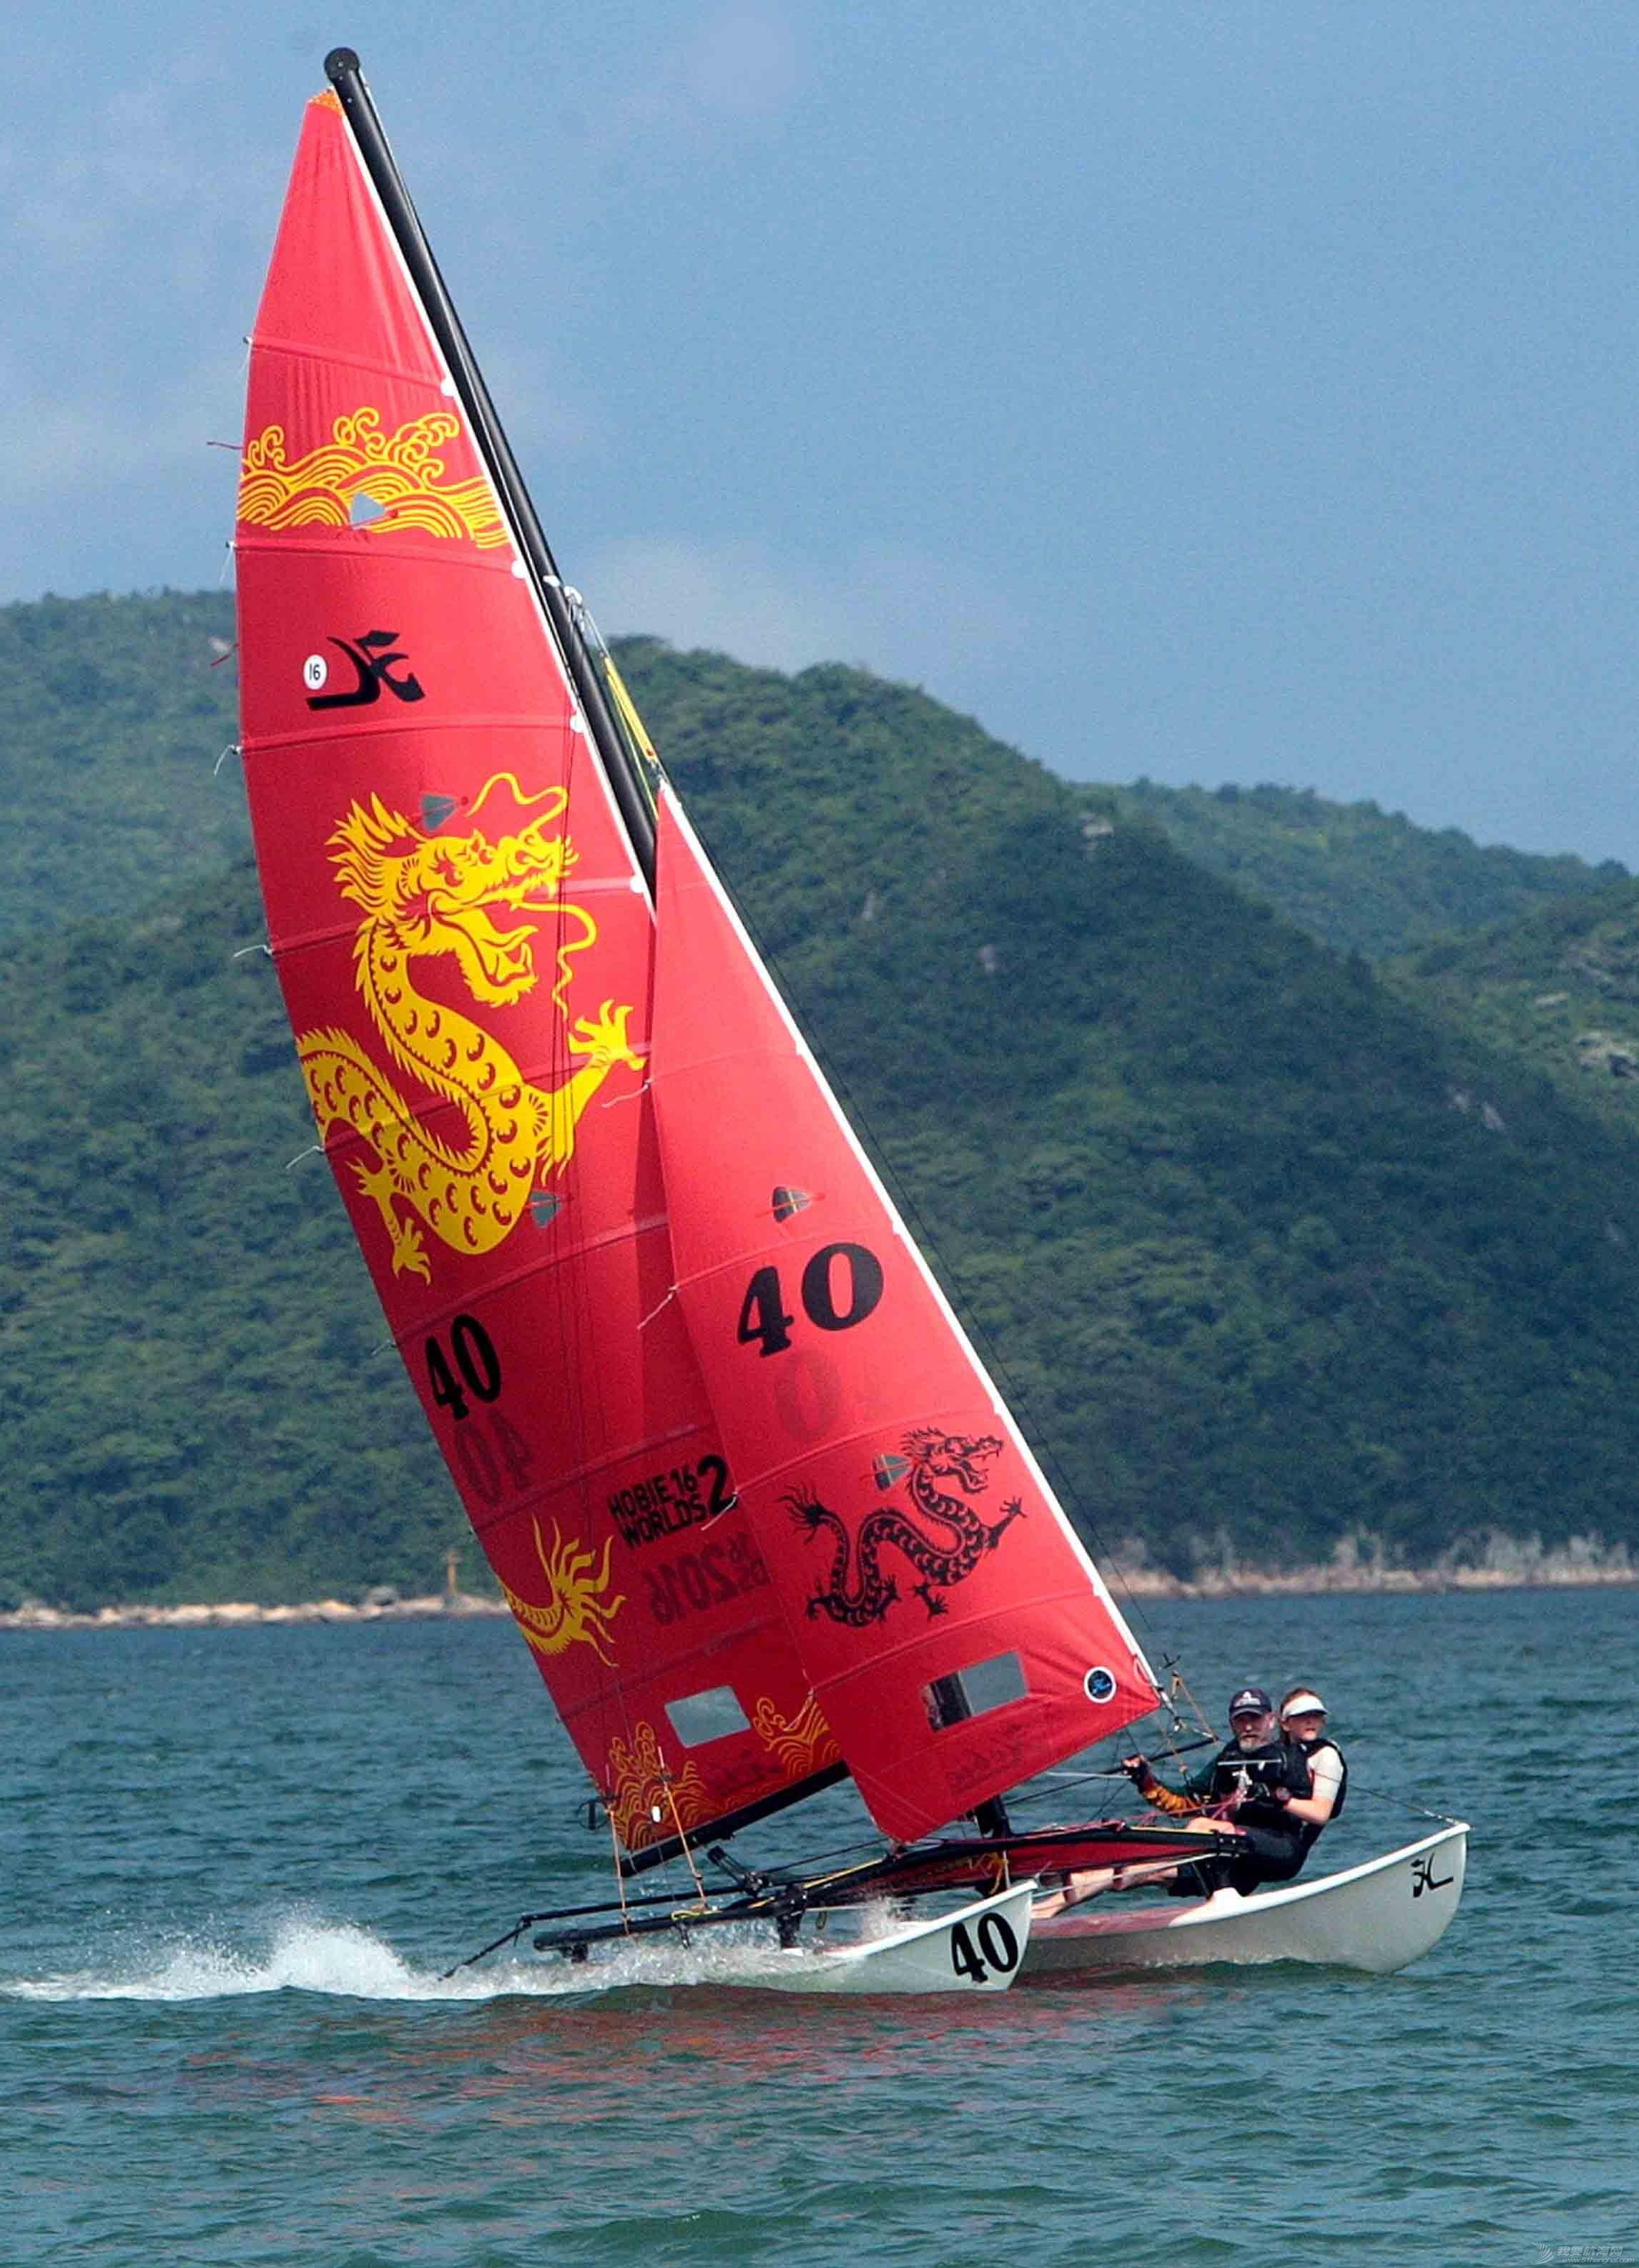 hobie 16 世锦赛龙帆 hobie16 dragon